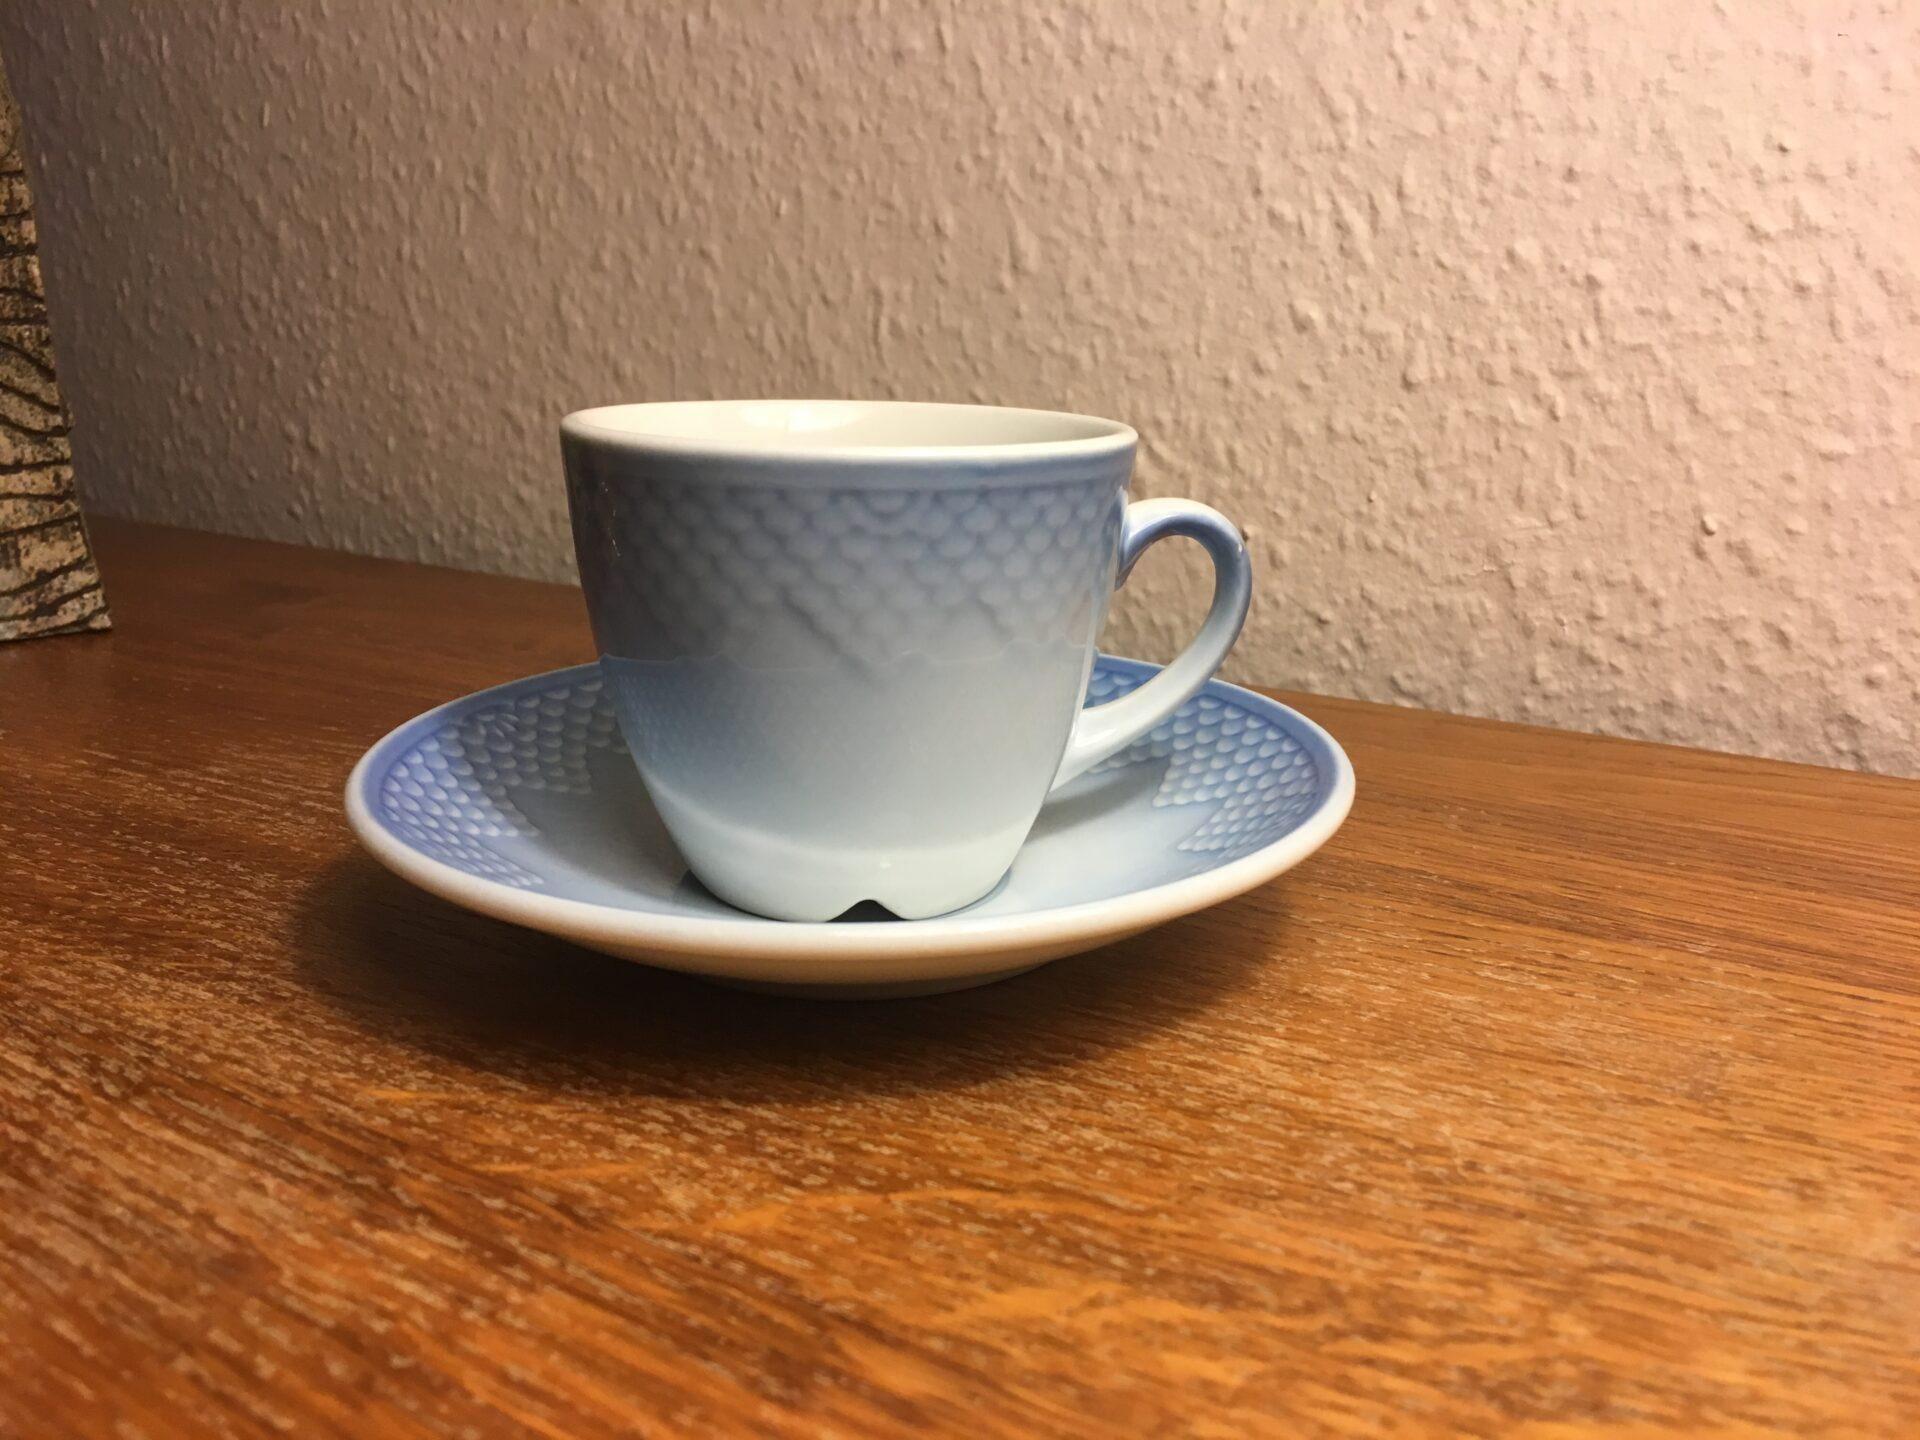 Blå tone, hotelporcelæn,kaffekopper nr 744, pris pr. sæt 40 kr (ca 40 sæt på lager)